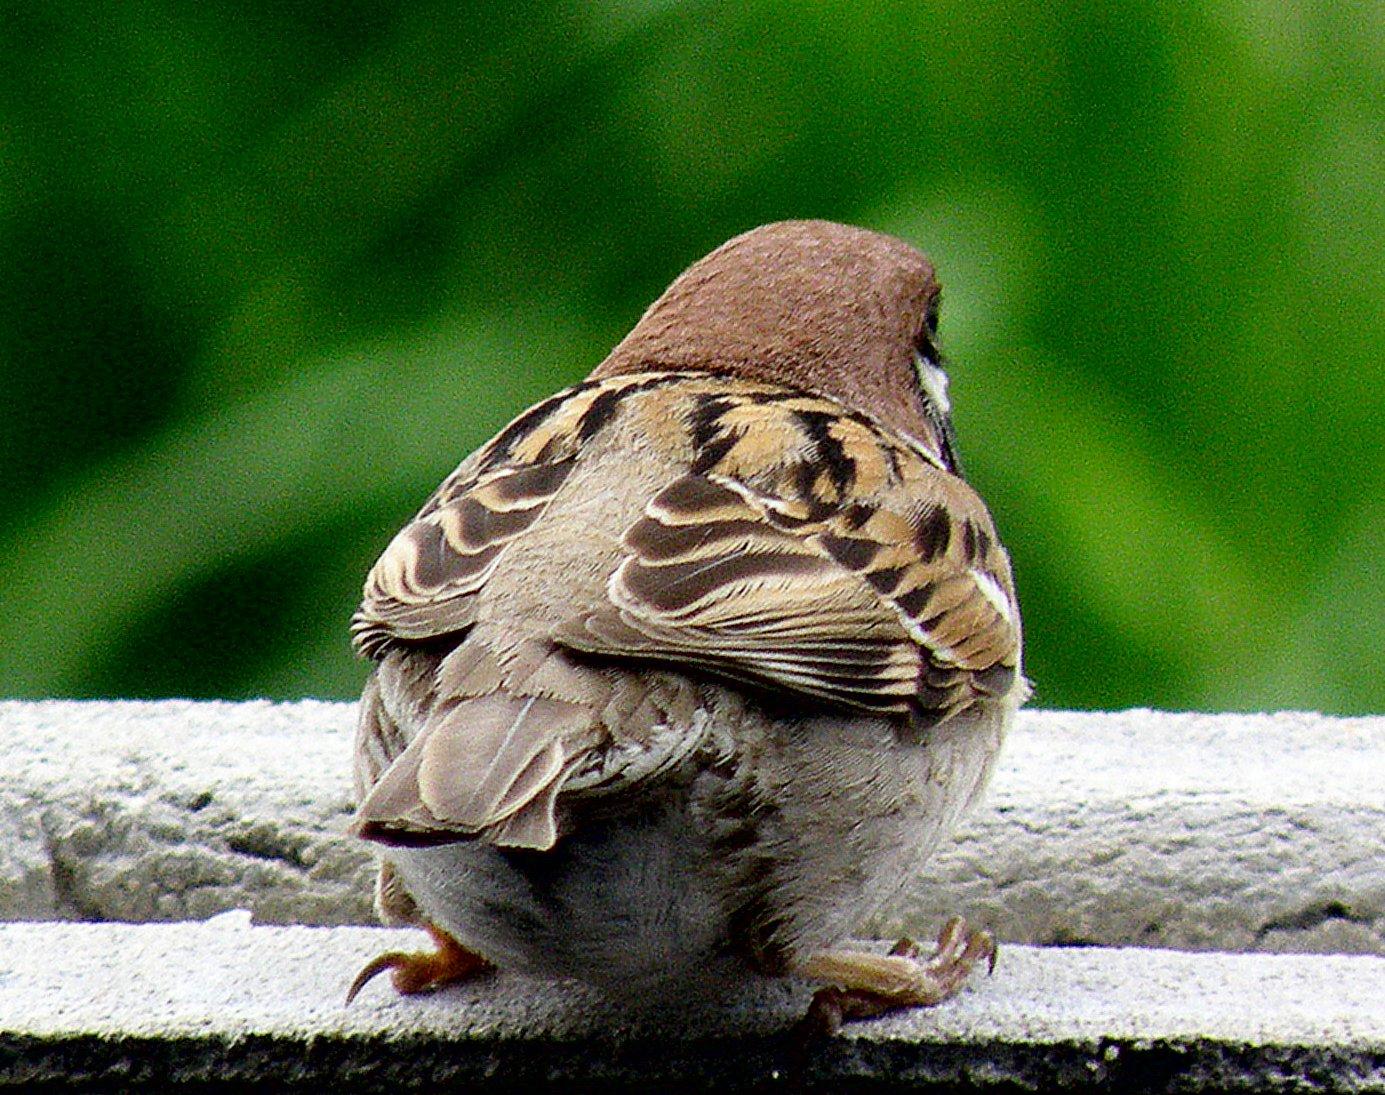 Tiếng chim Sẻ mồi mp3 - Bản Chuẩn - Bẫy chim sẻ thật đơn giản